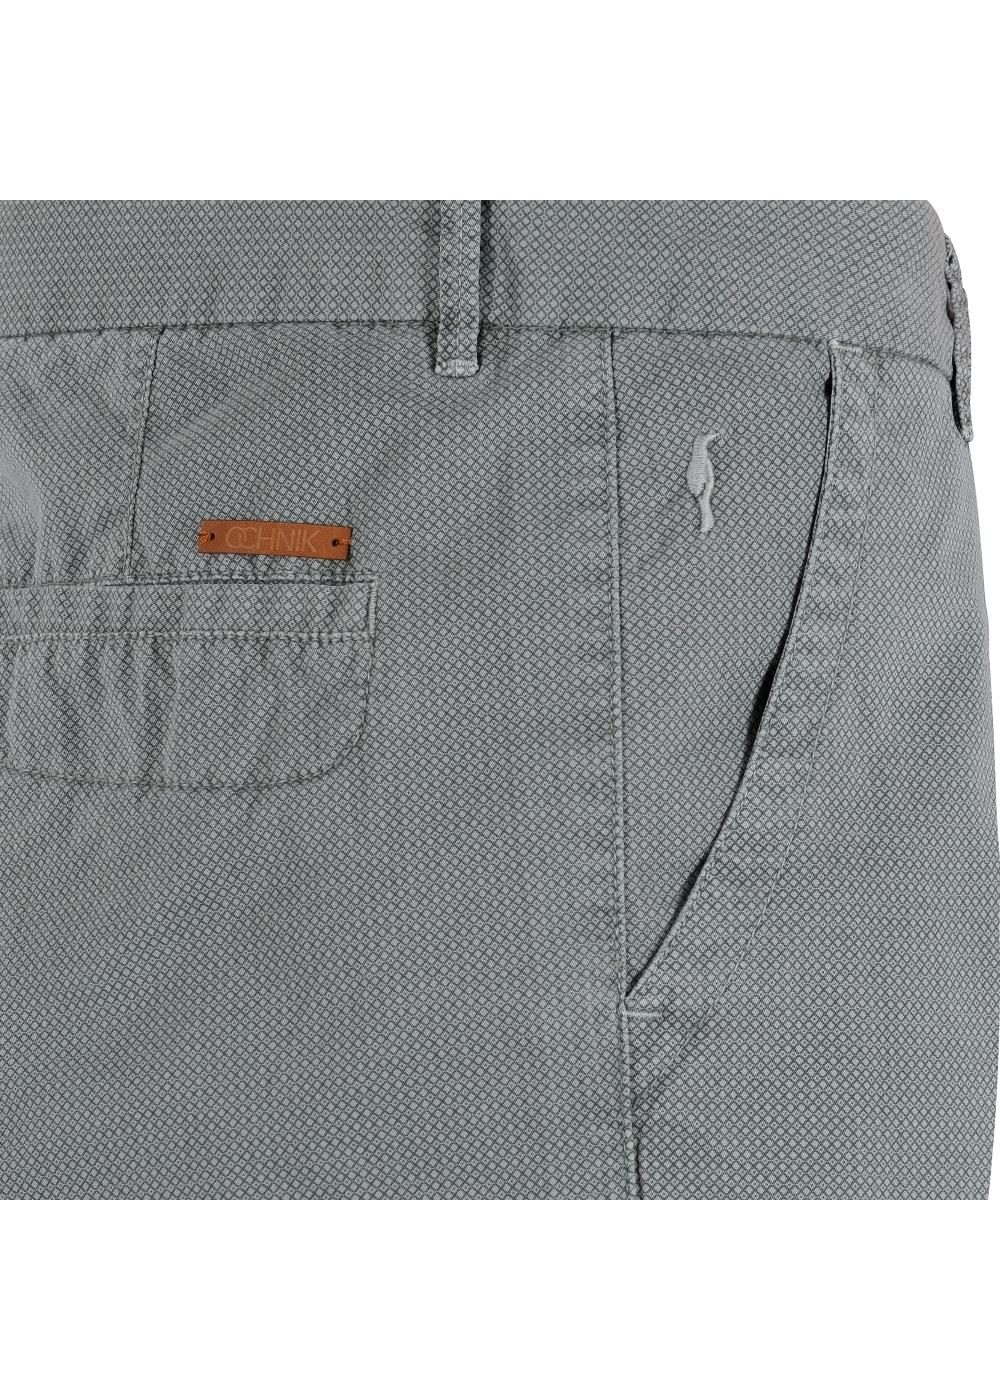 Spodnie męskie SPOMT-0036-91(W20)